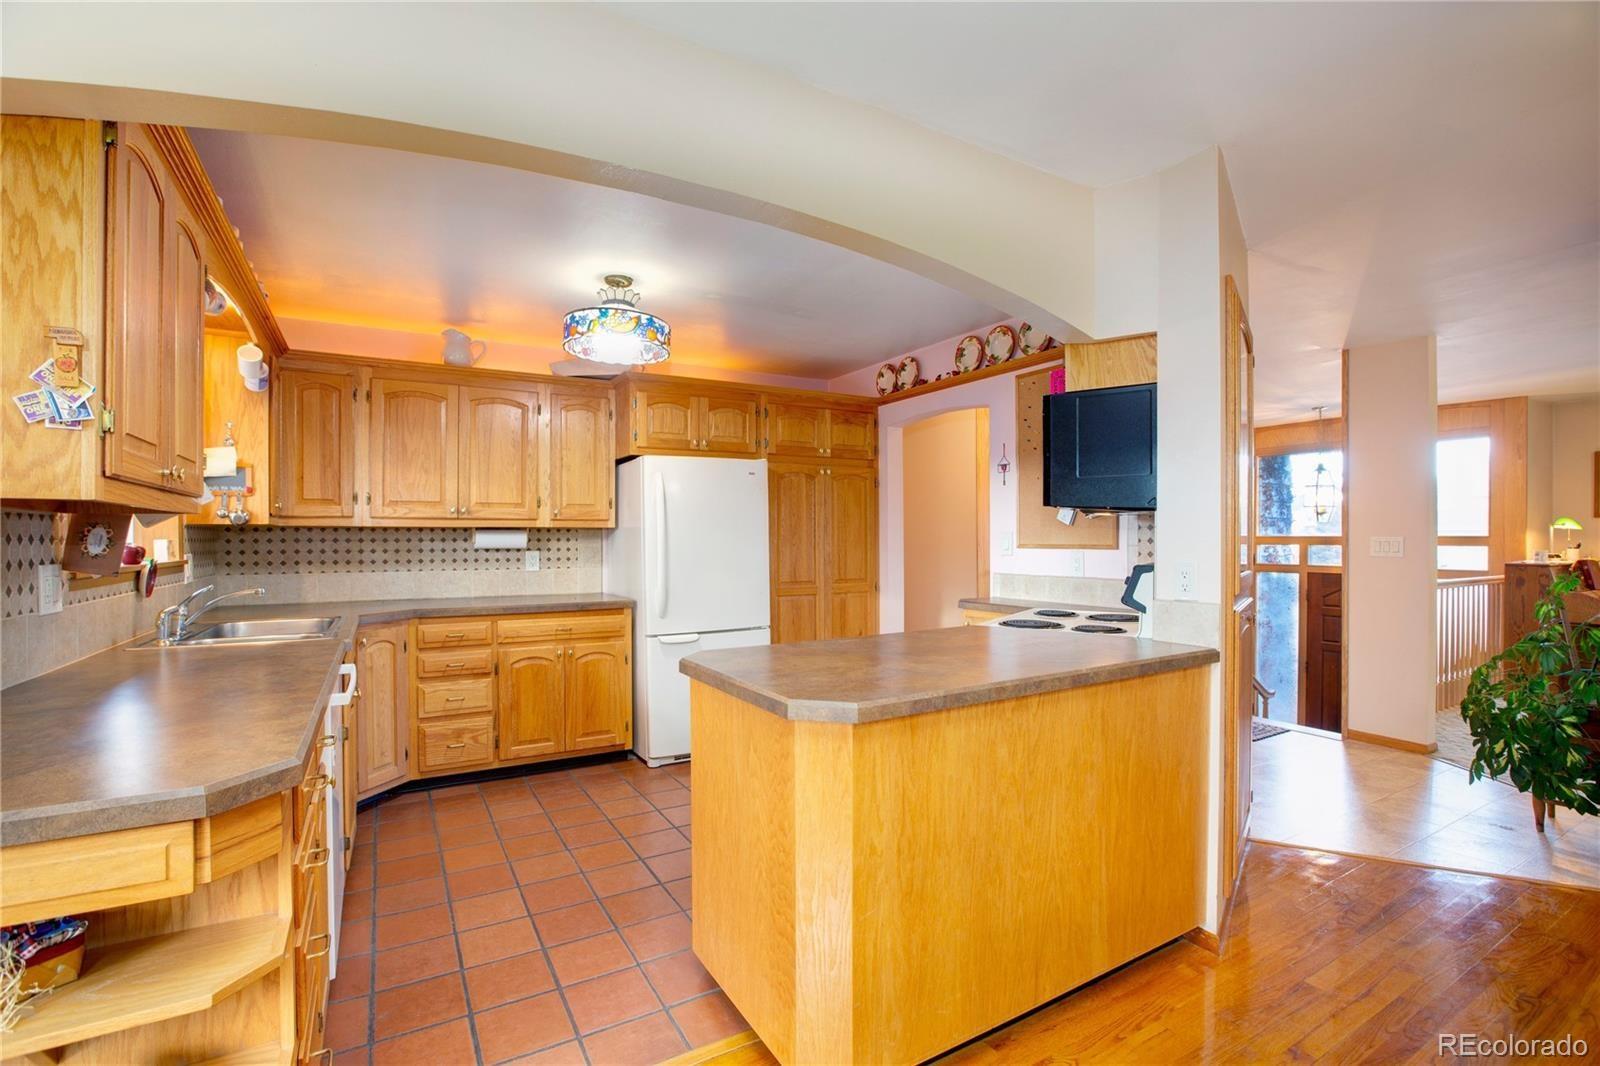 MLS# 4563423 - 9 - 3425 S Pierce Street, Lakewood, CO 80227